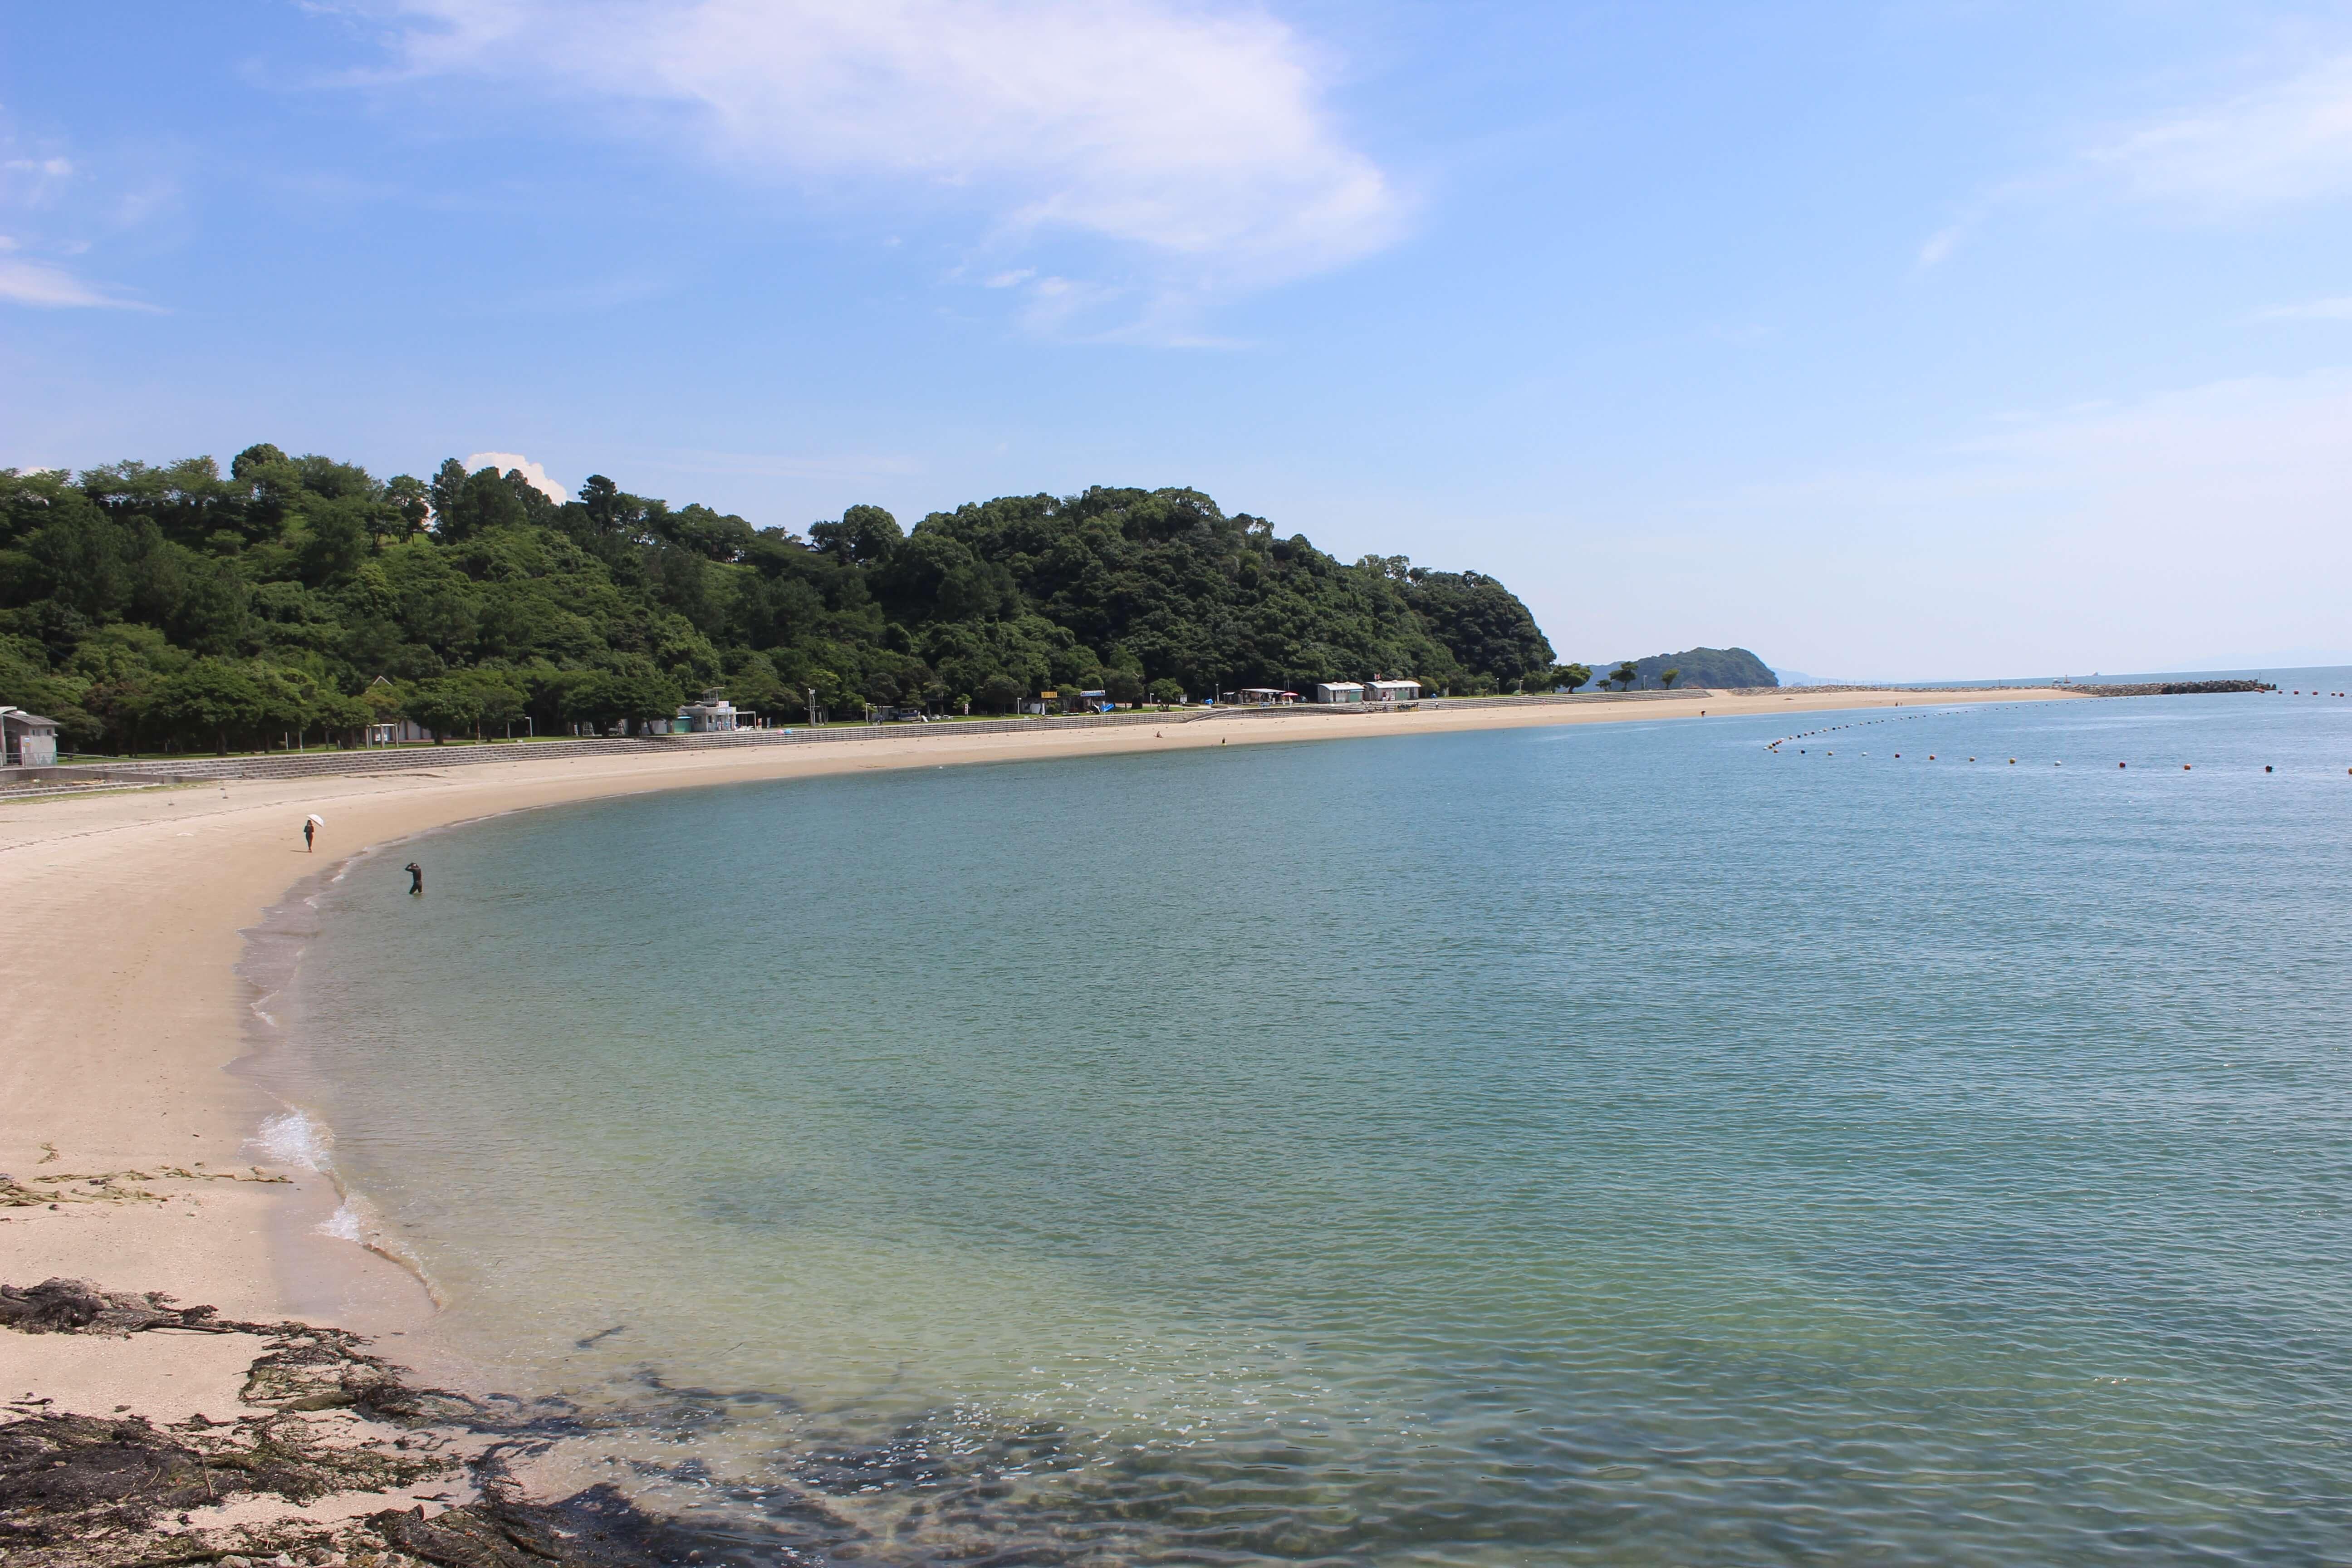 【御立岬海水浴場(おたちみさき)】広大な敷地にはゴーカートも。家族での海水浴にもおすすめ。